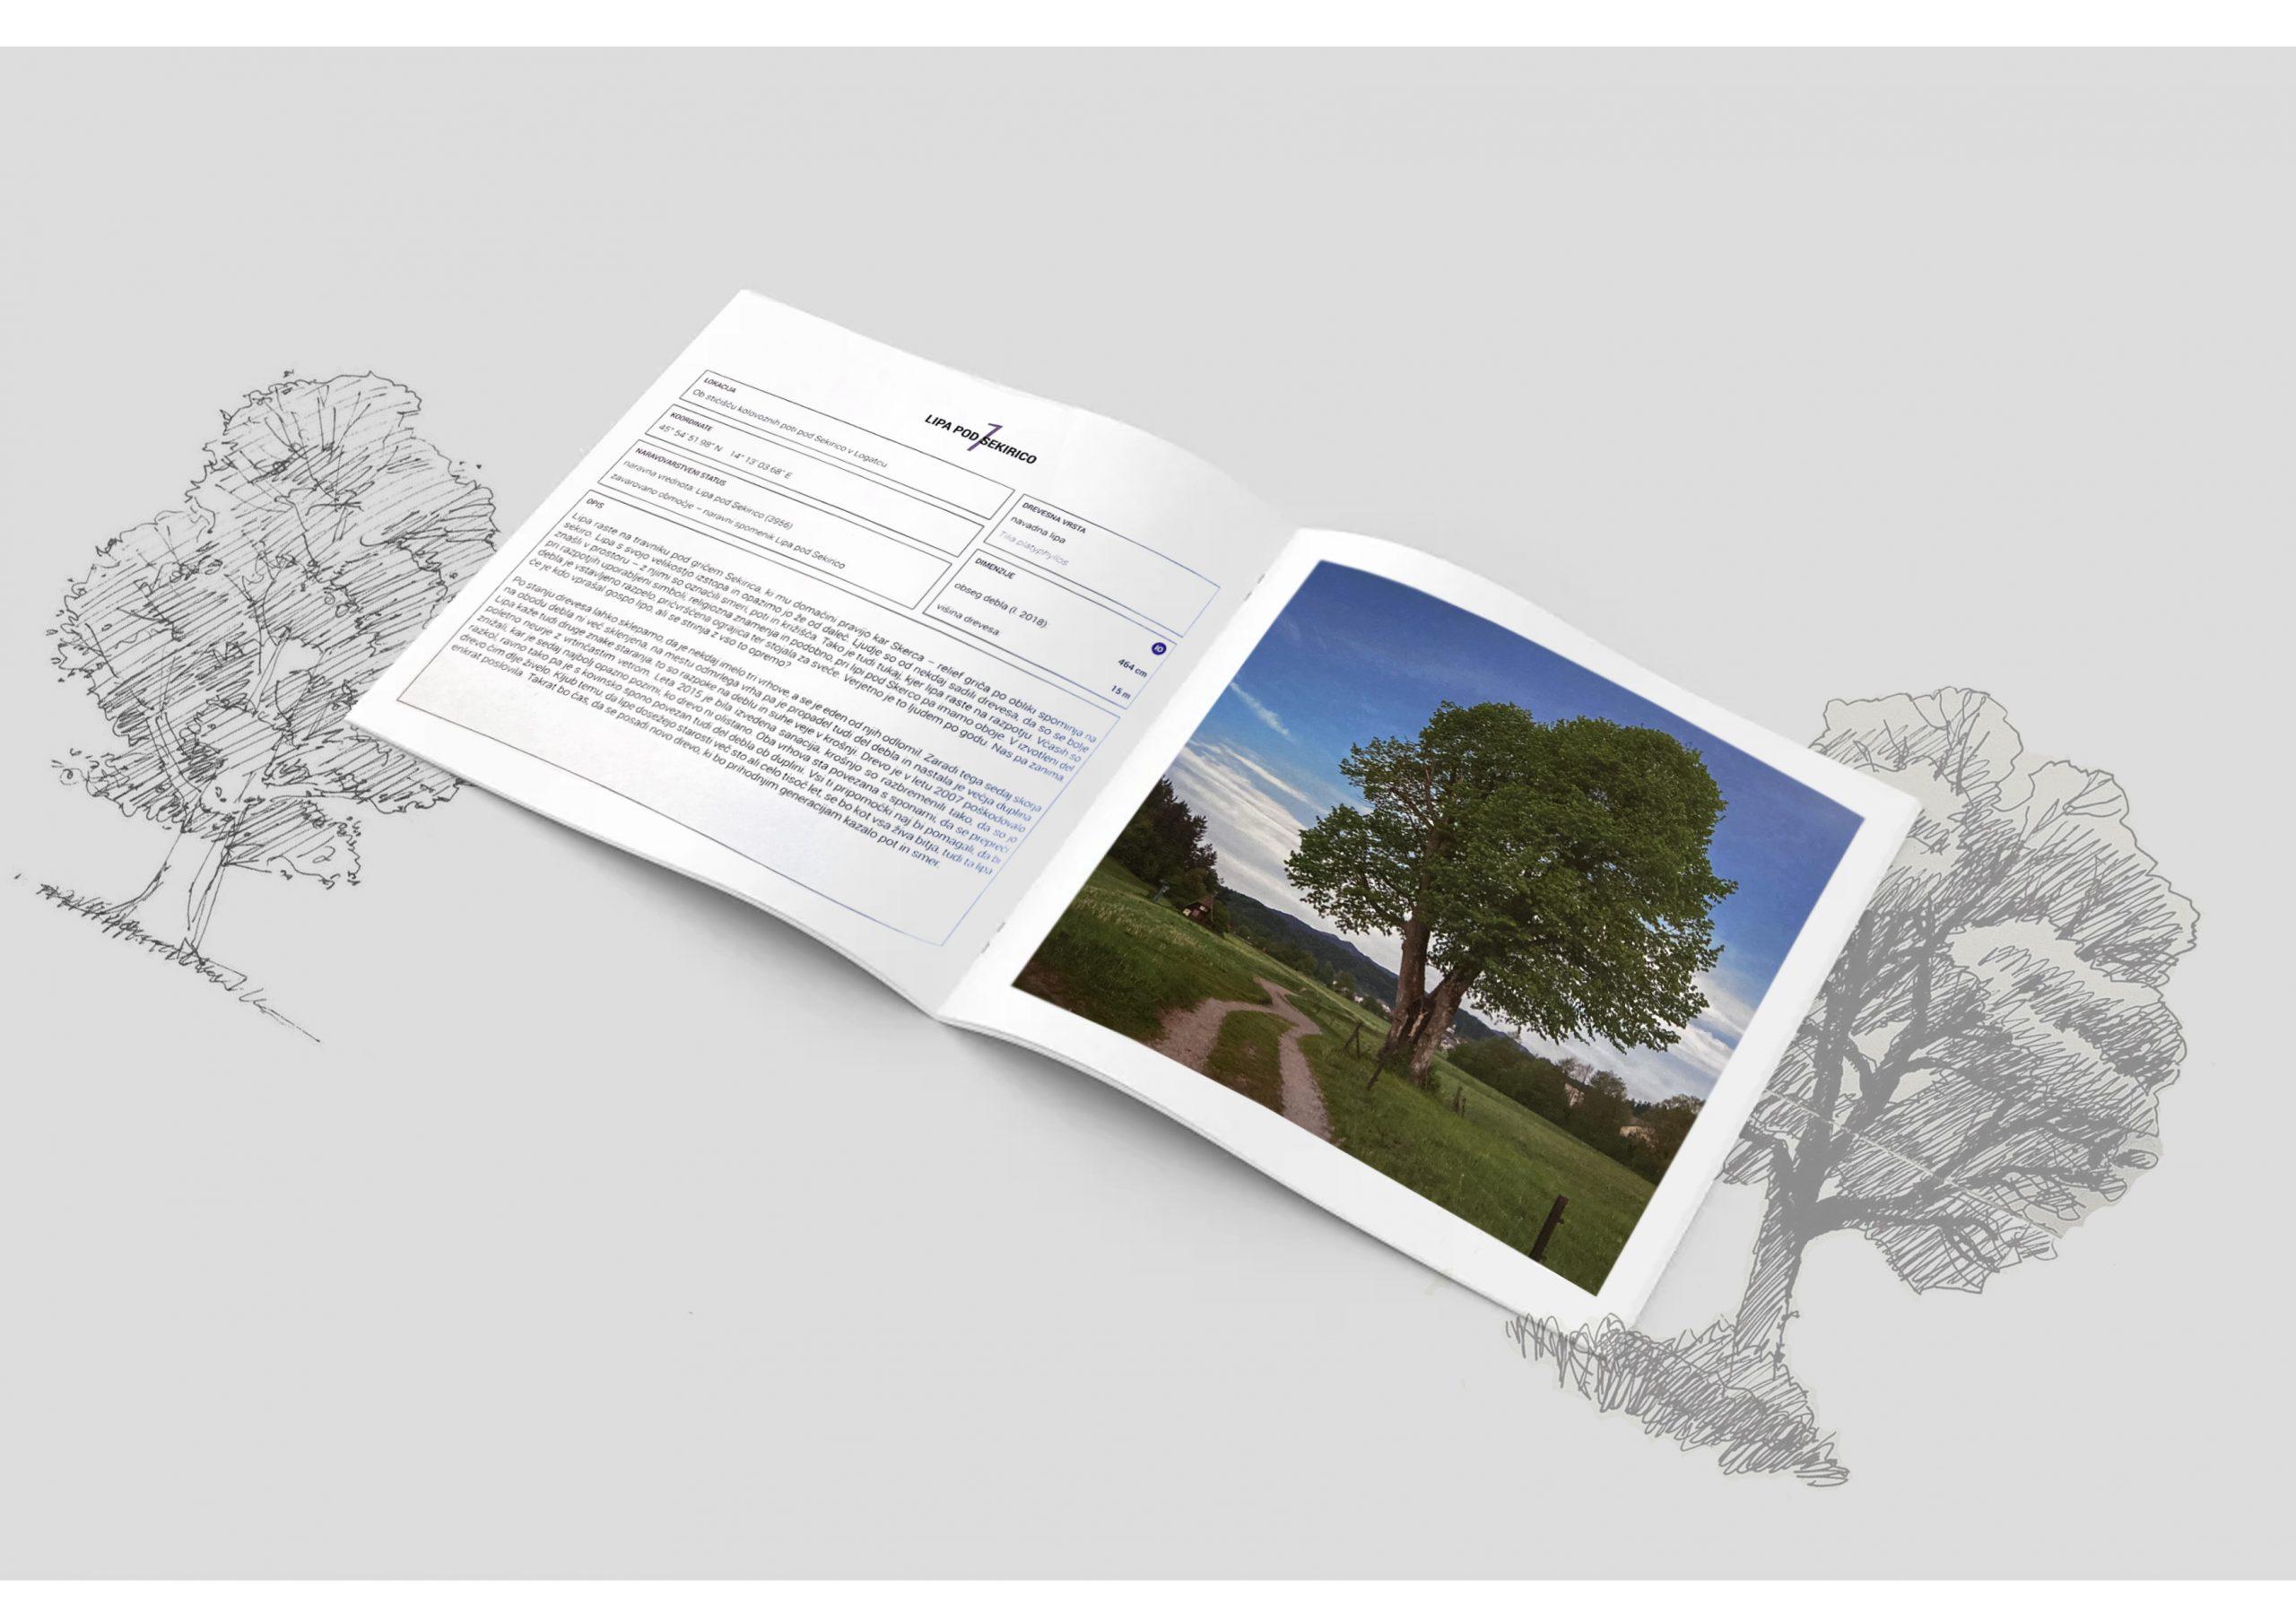 logatec-drevesa-slika-2